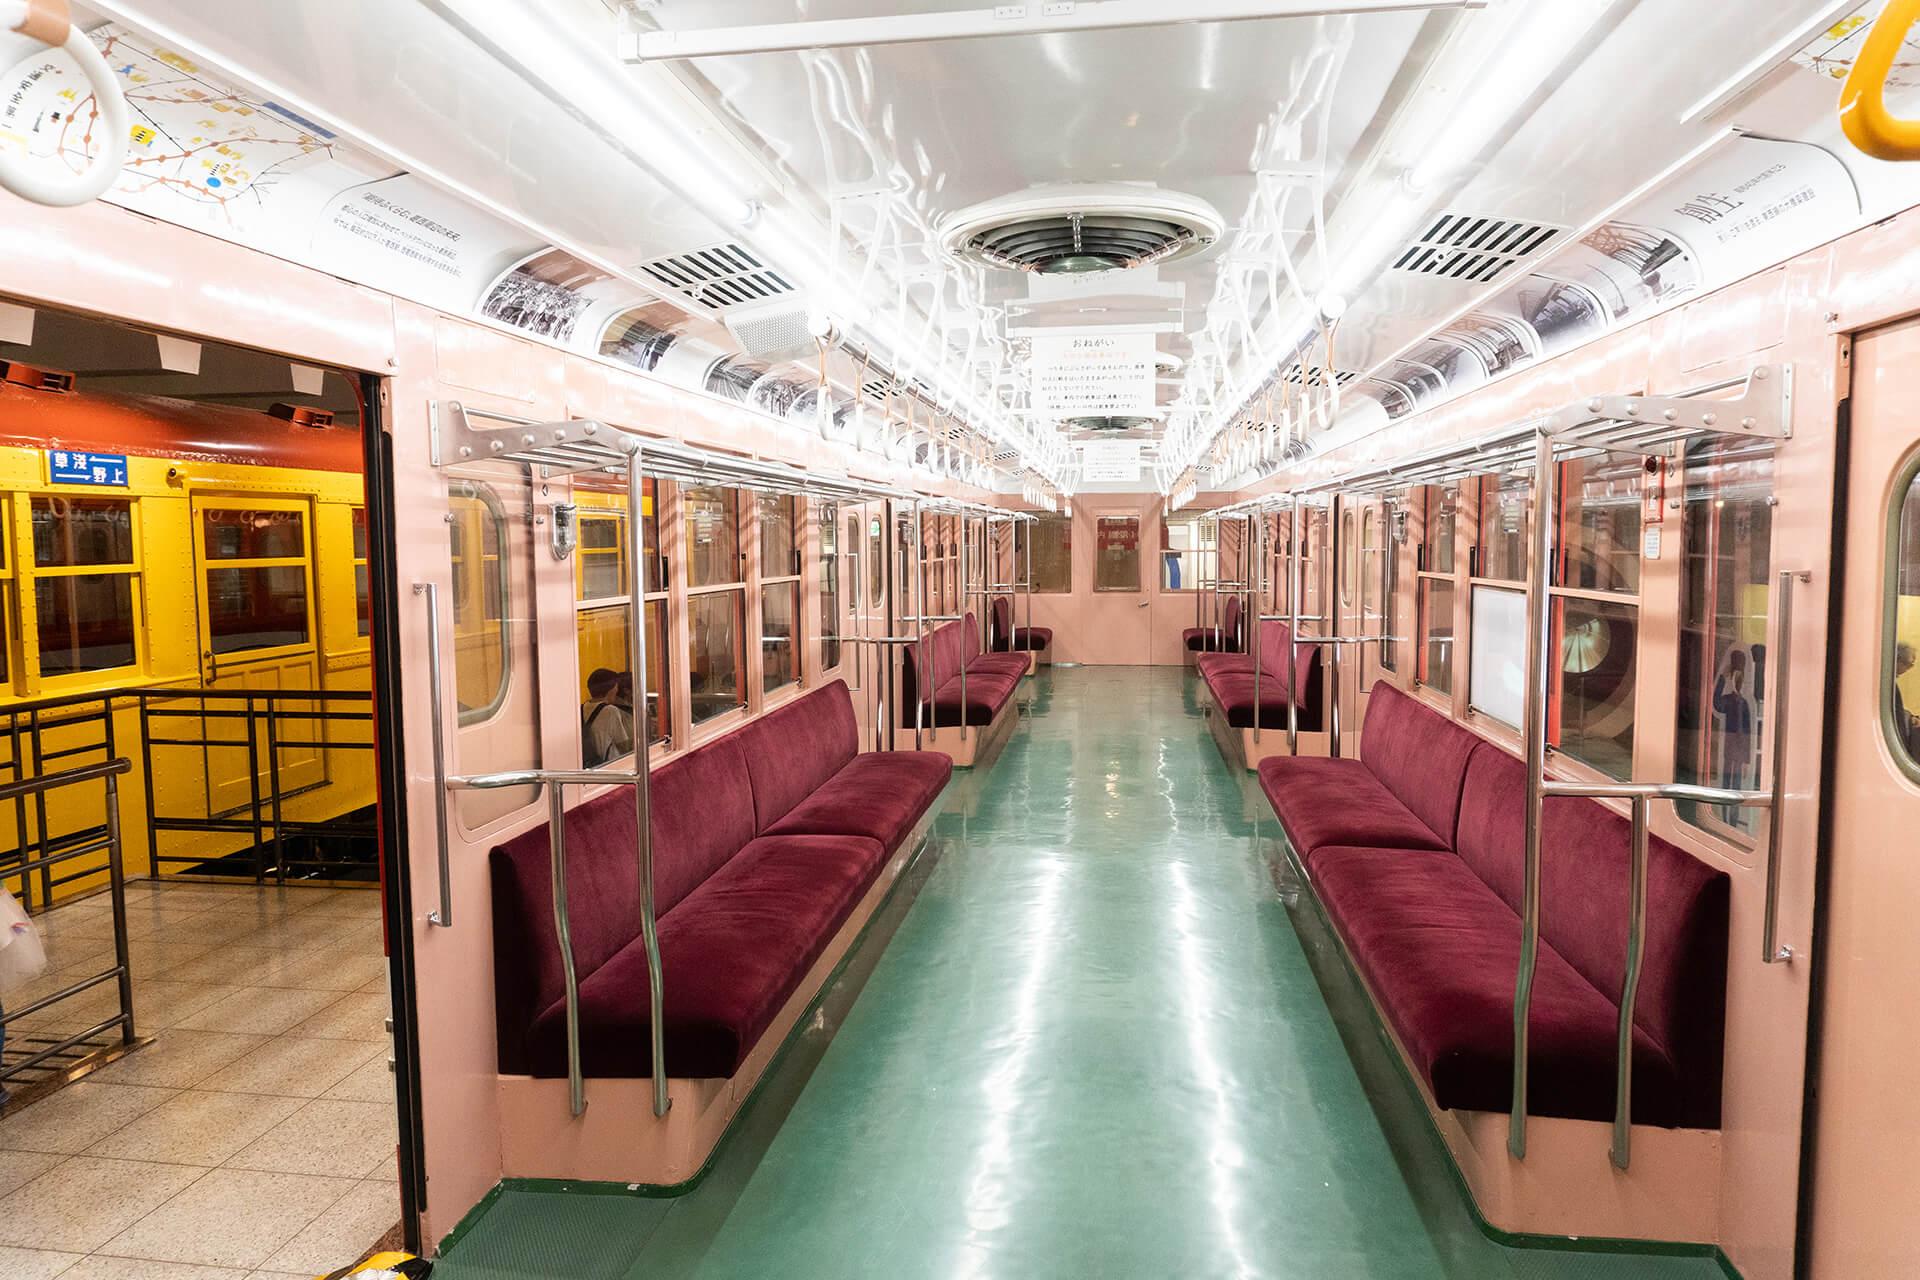 地下鉄博物館展示車内